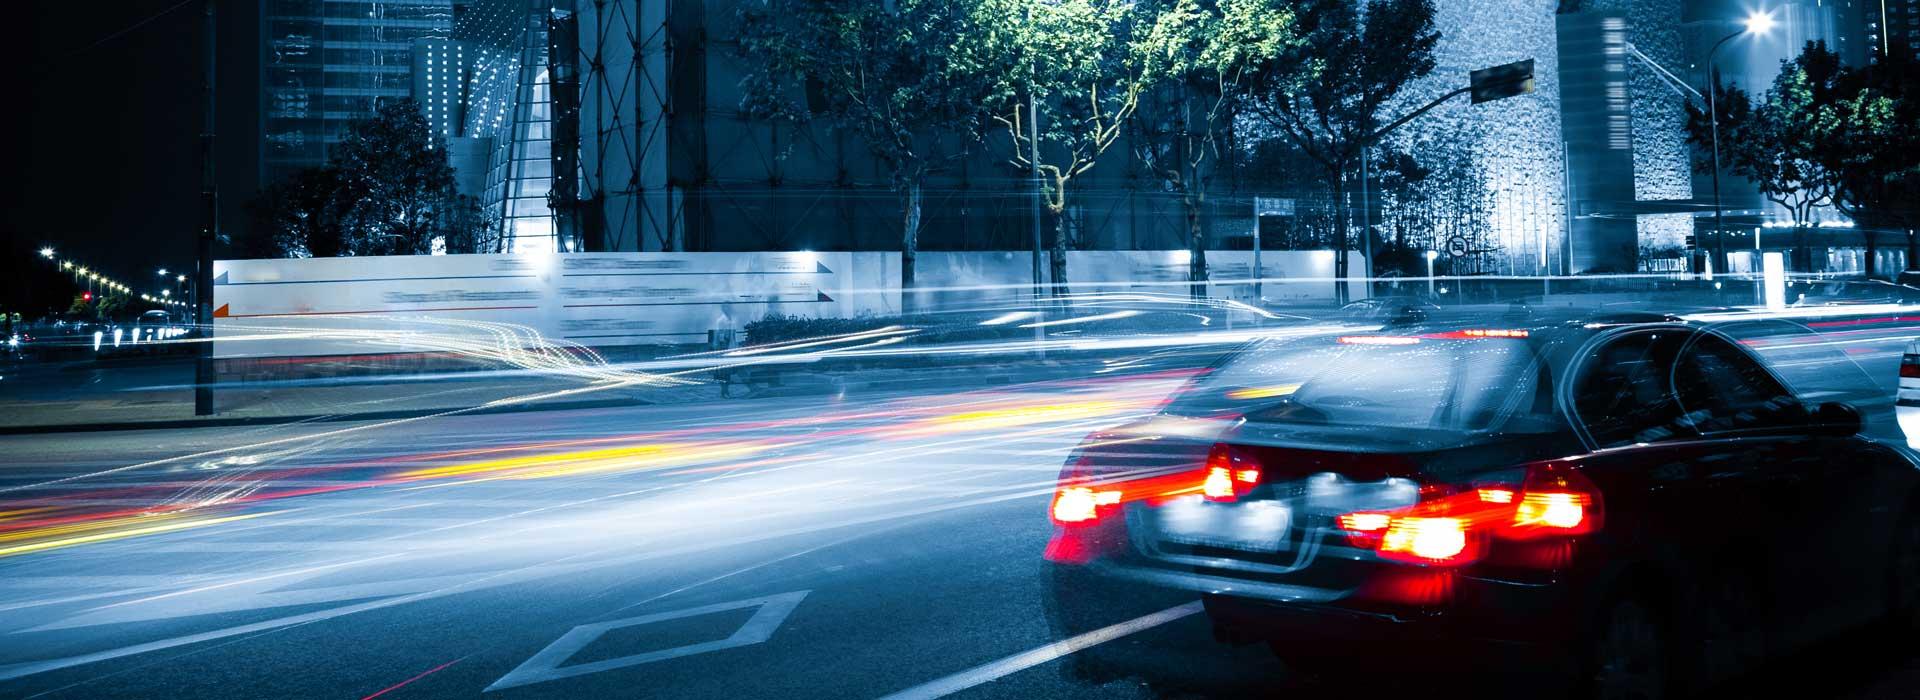 odszkodowania wypadki w transporcie